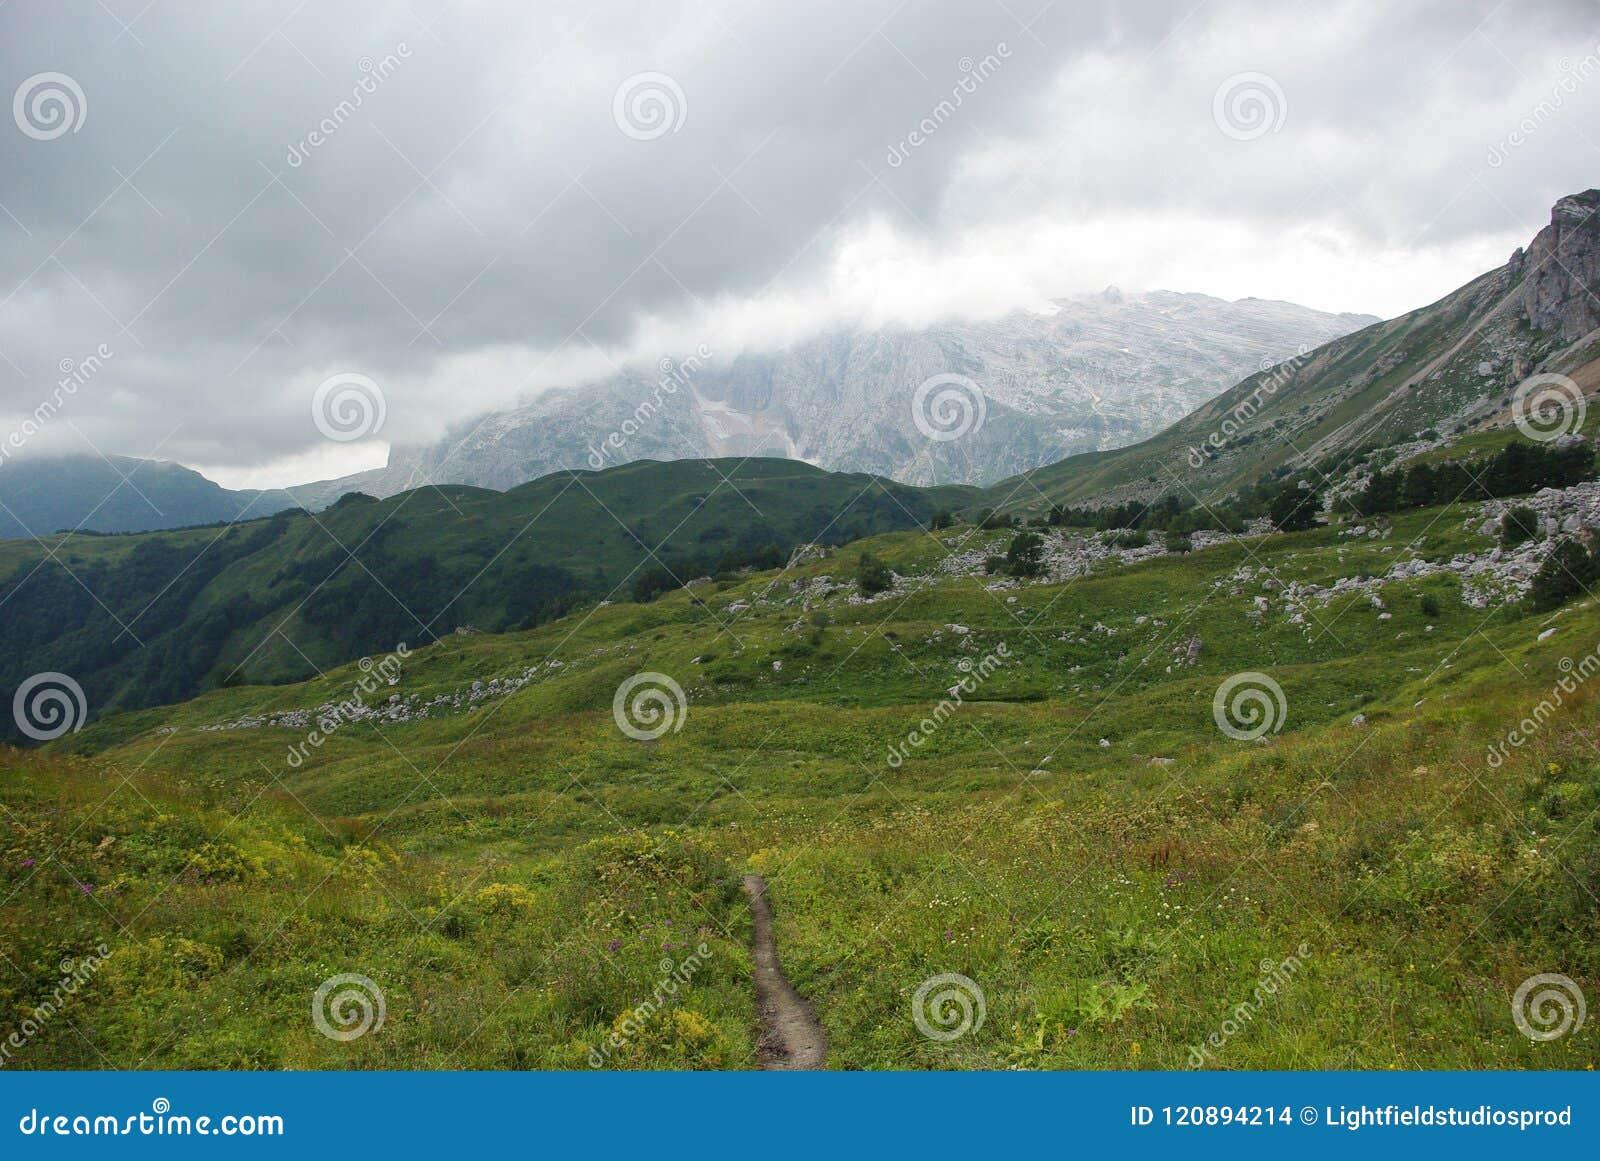 Widok na ścieżce i dolinie, federacja rosyjska, Kaukaz,